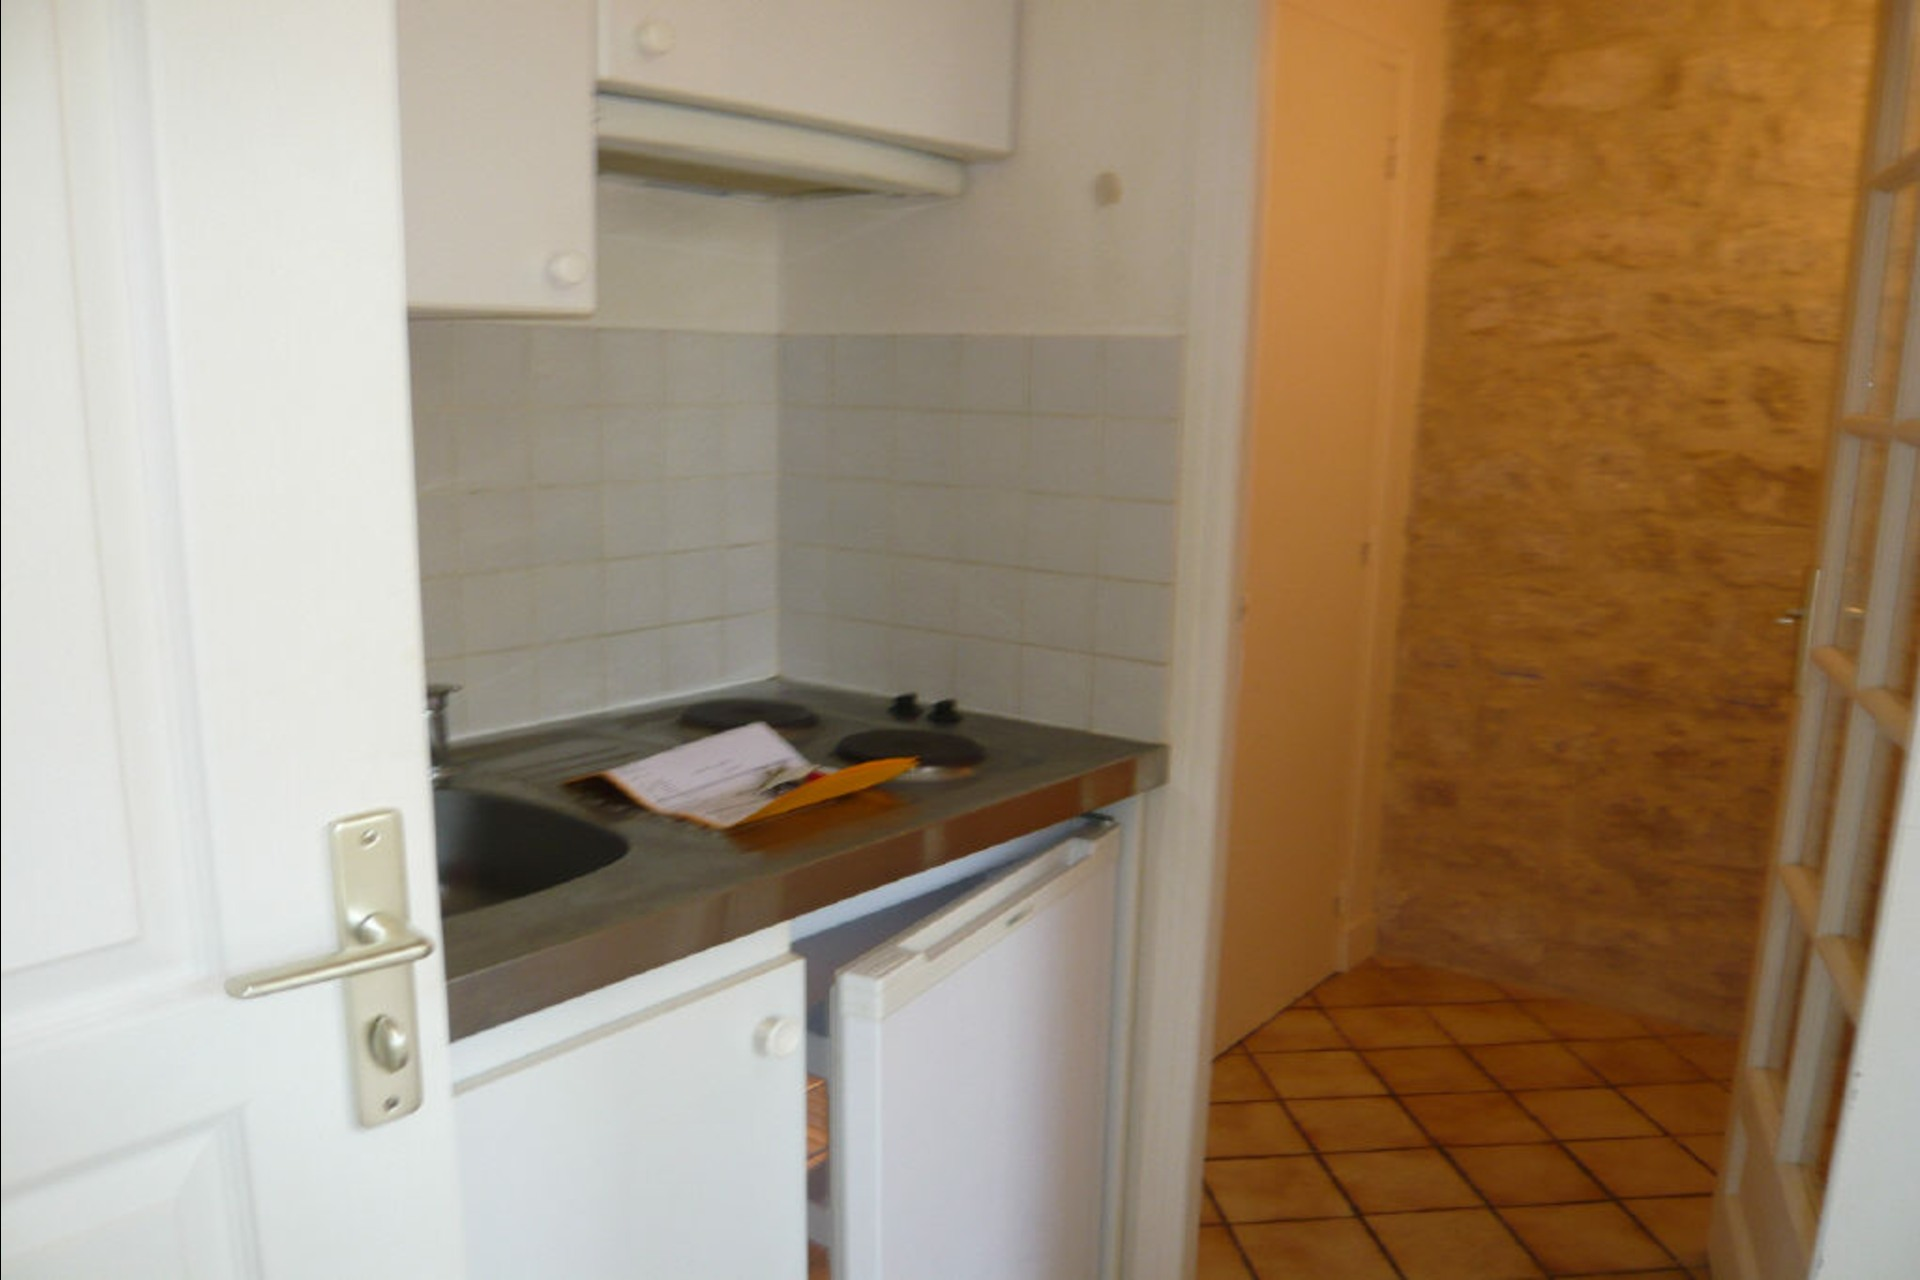 image 1 - Apartment For rent saint germain en laye - 1 room